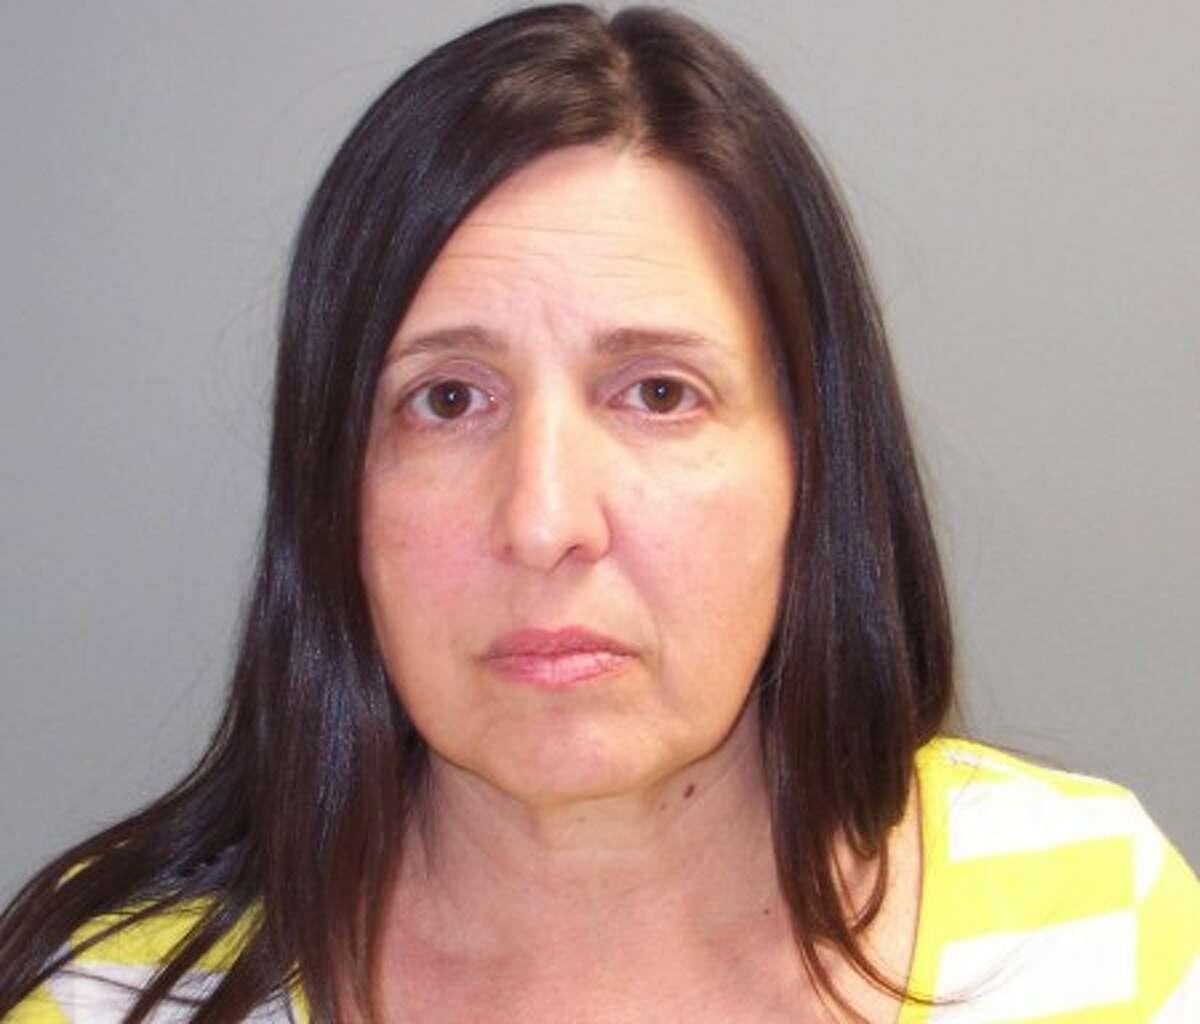 Dina McNelis, 49, of West Haven